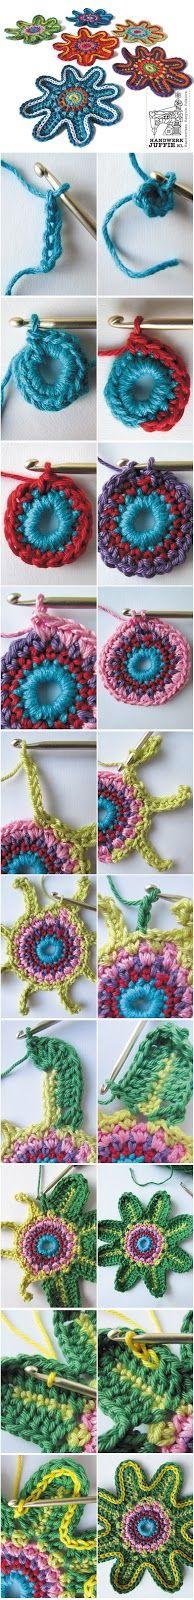 TUTORIAL: Crochet colorful flowers. By Handwerkjuffie.